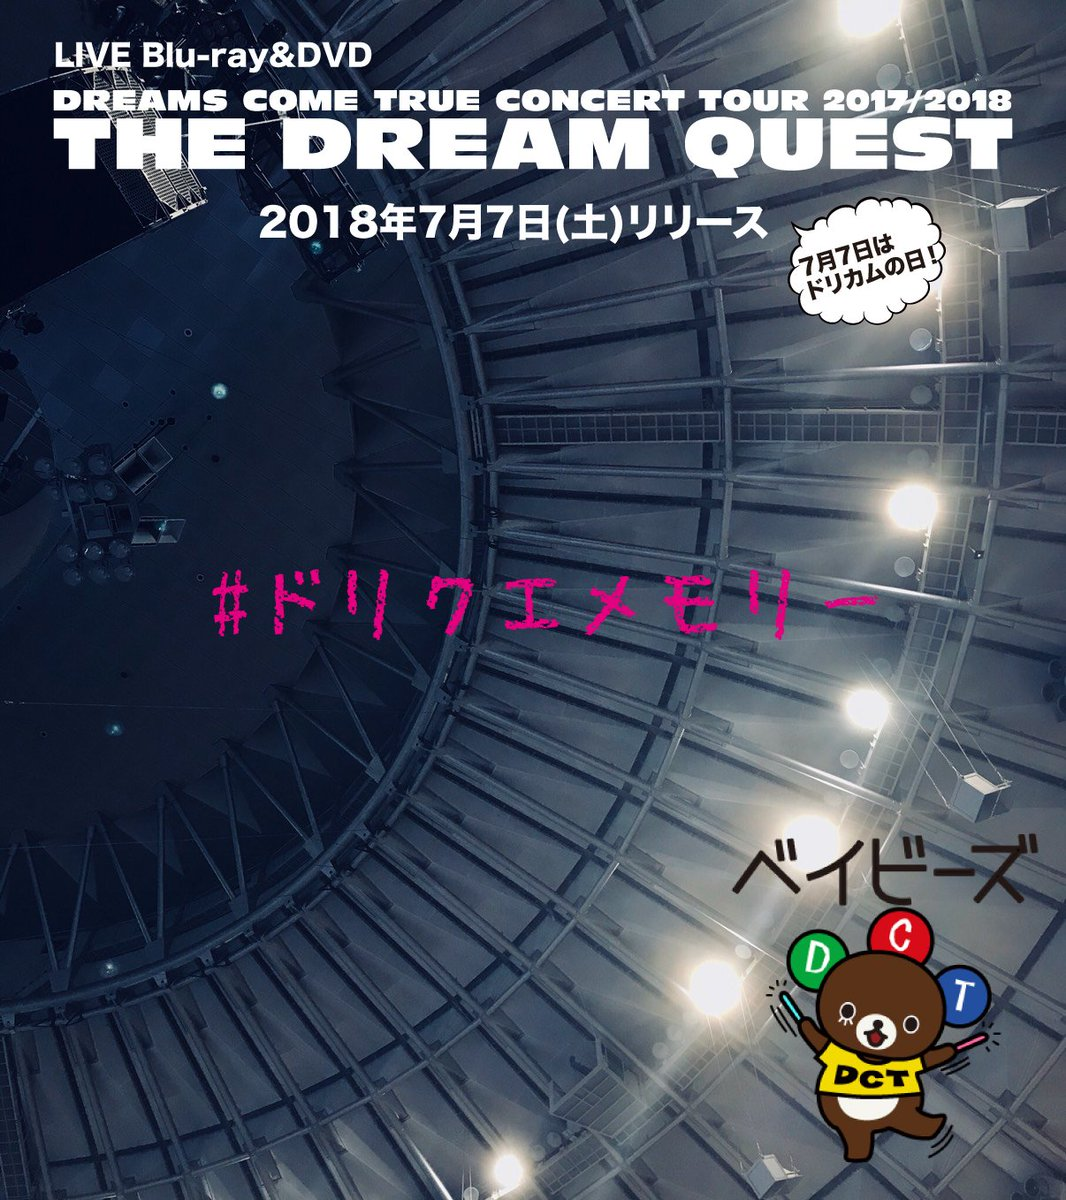 DREAMS COME TRUE CONCERT TOUR 2017/2018 -THE DREAM QUEST-に関する画像5